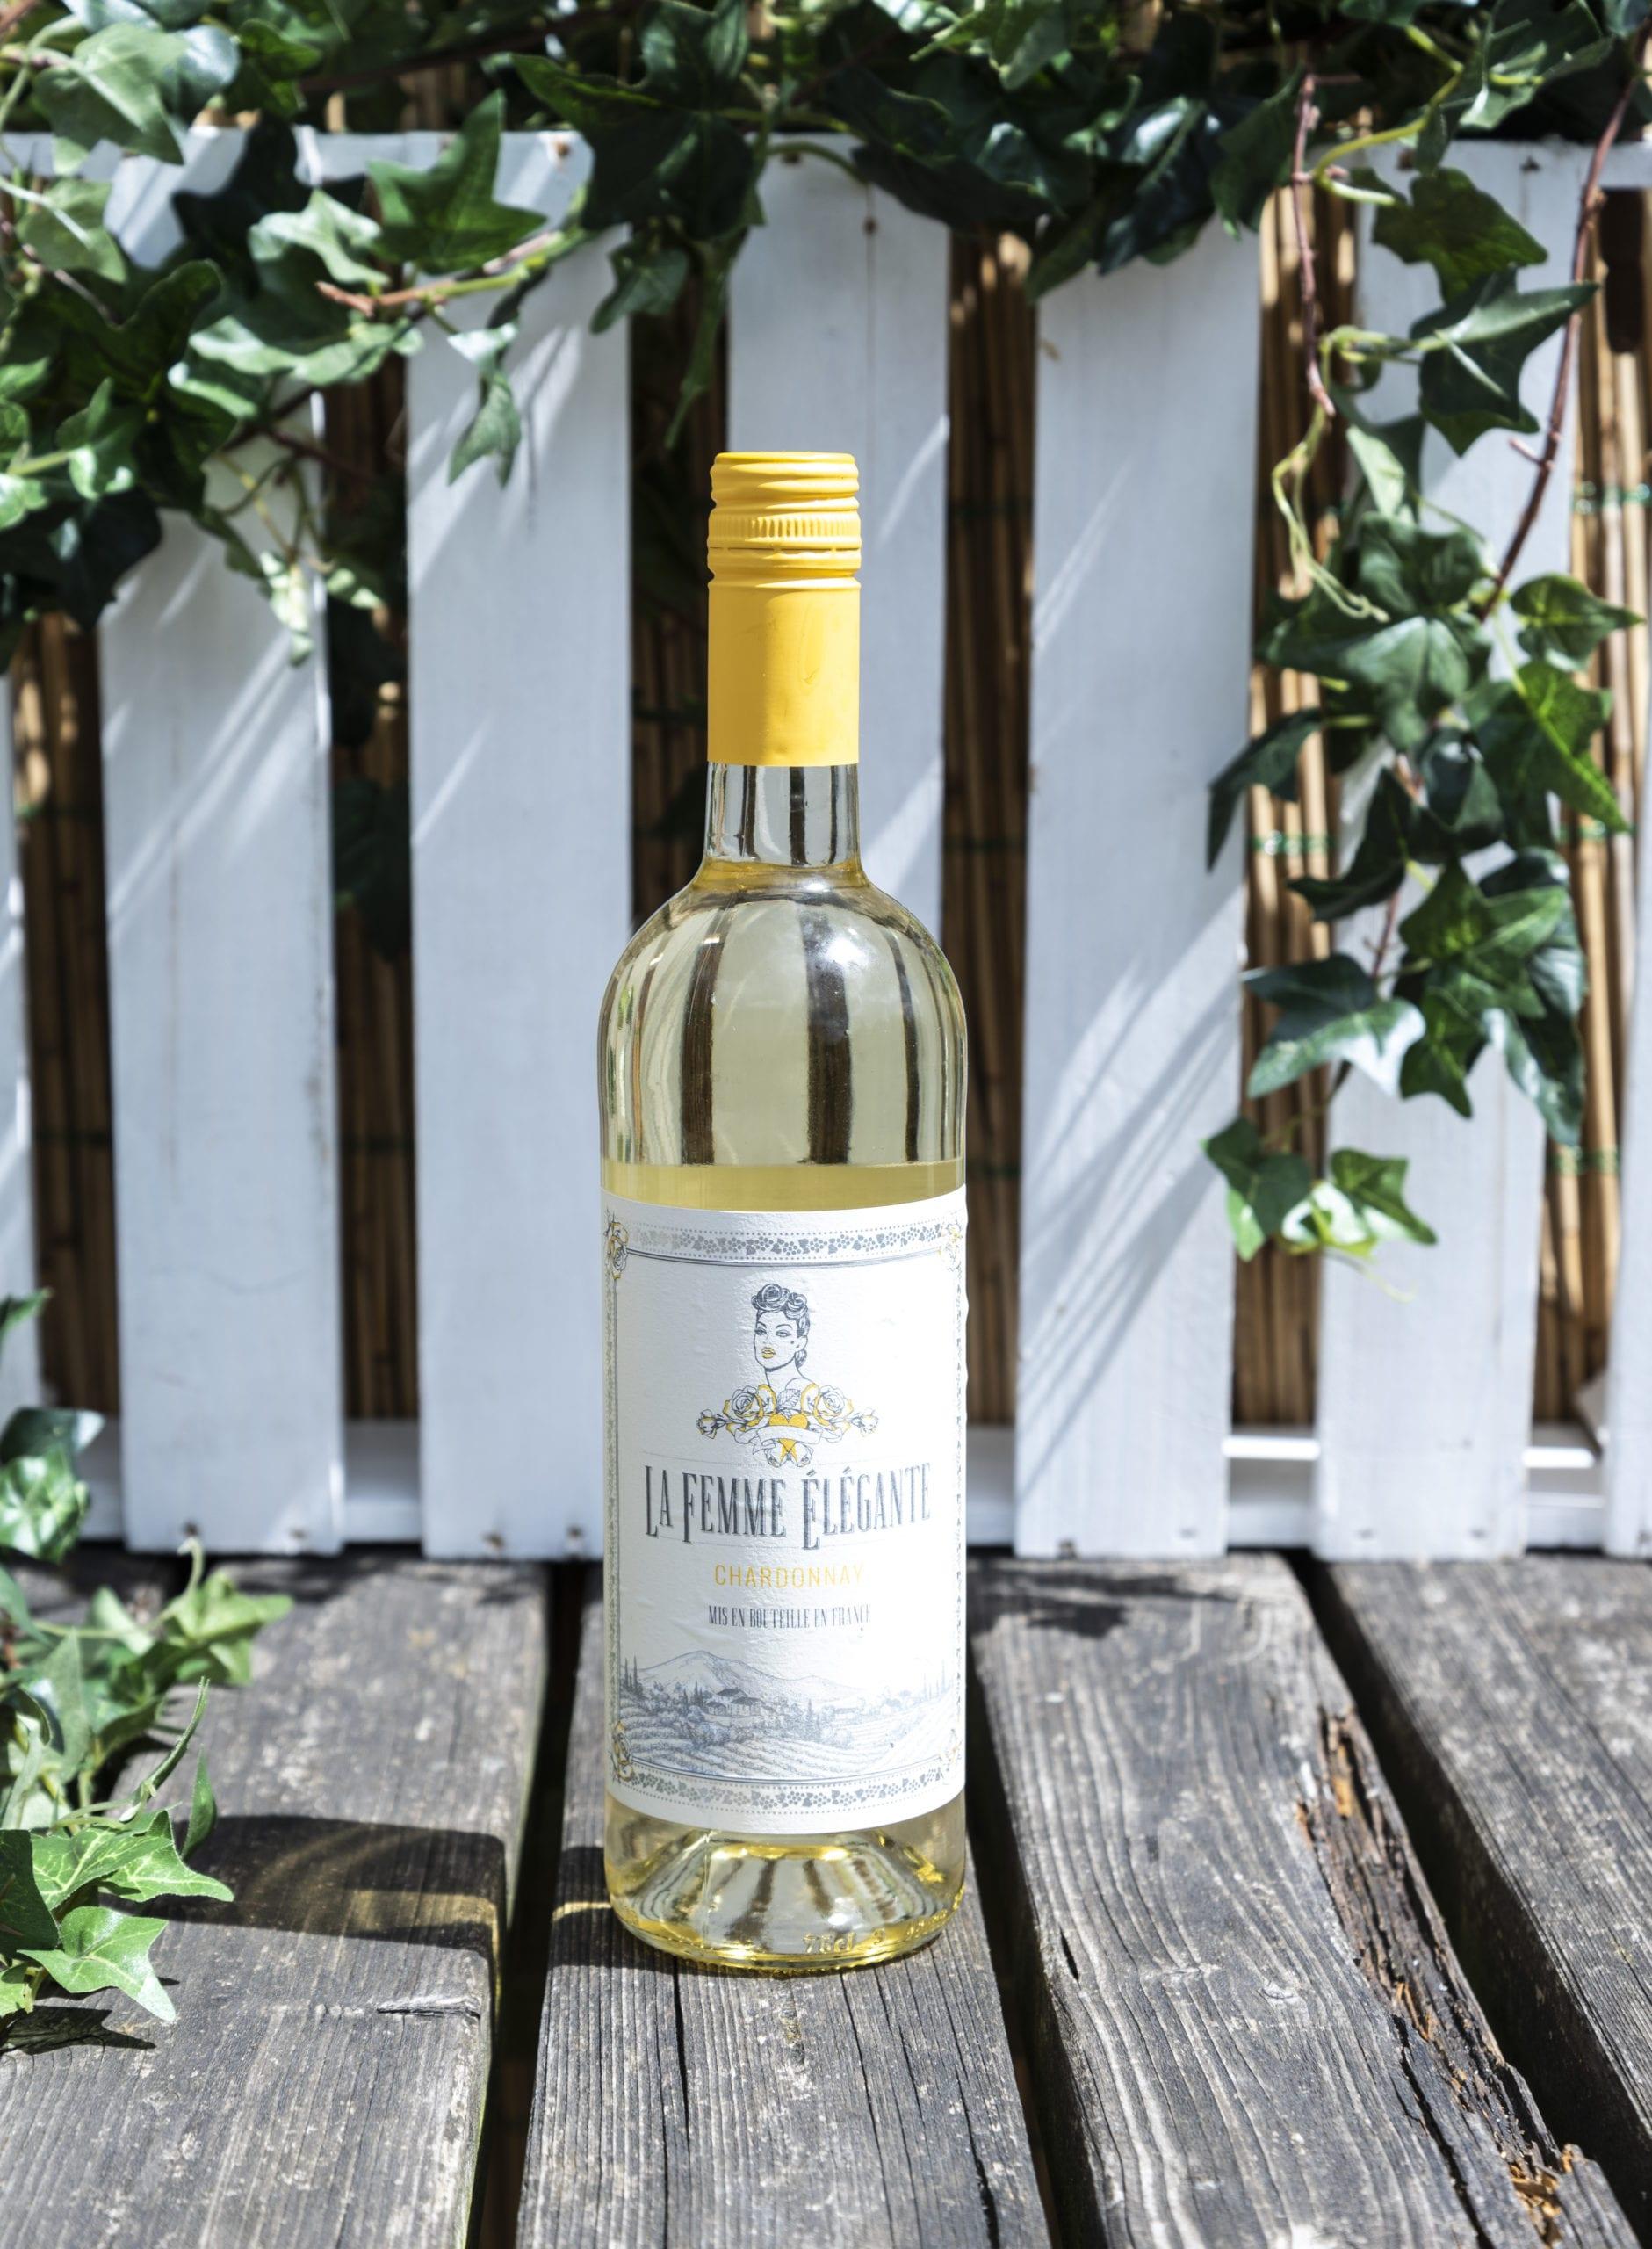 Soepel – La Femme Elegante – Chardonnay – wit